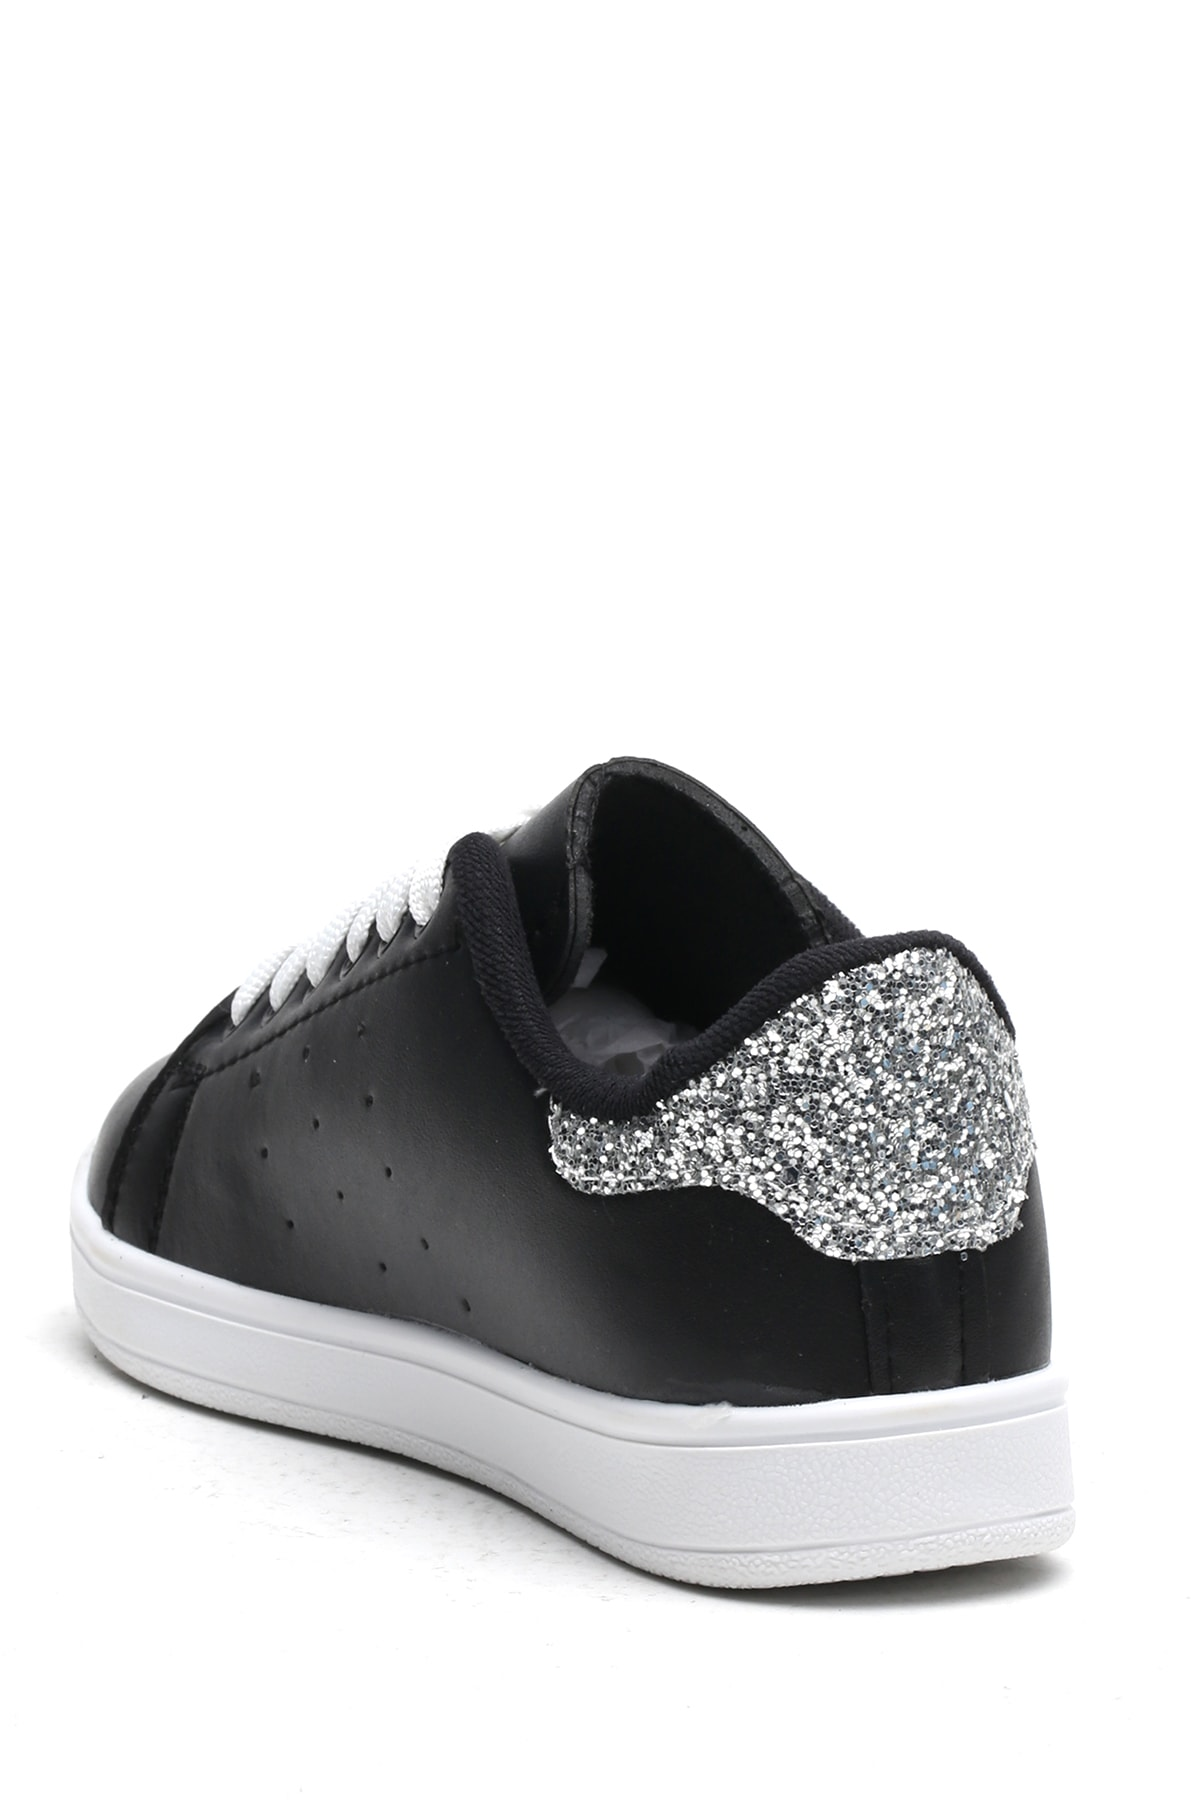 Ayakkabı Modası Siyah-Platin Kadın Casual Ayakkabı BM-4000-19-110003 2